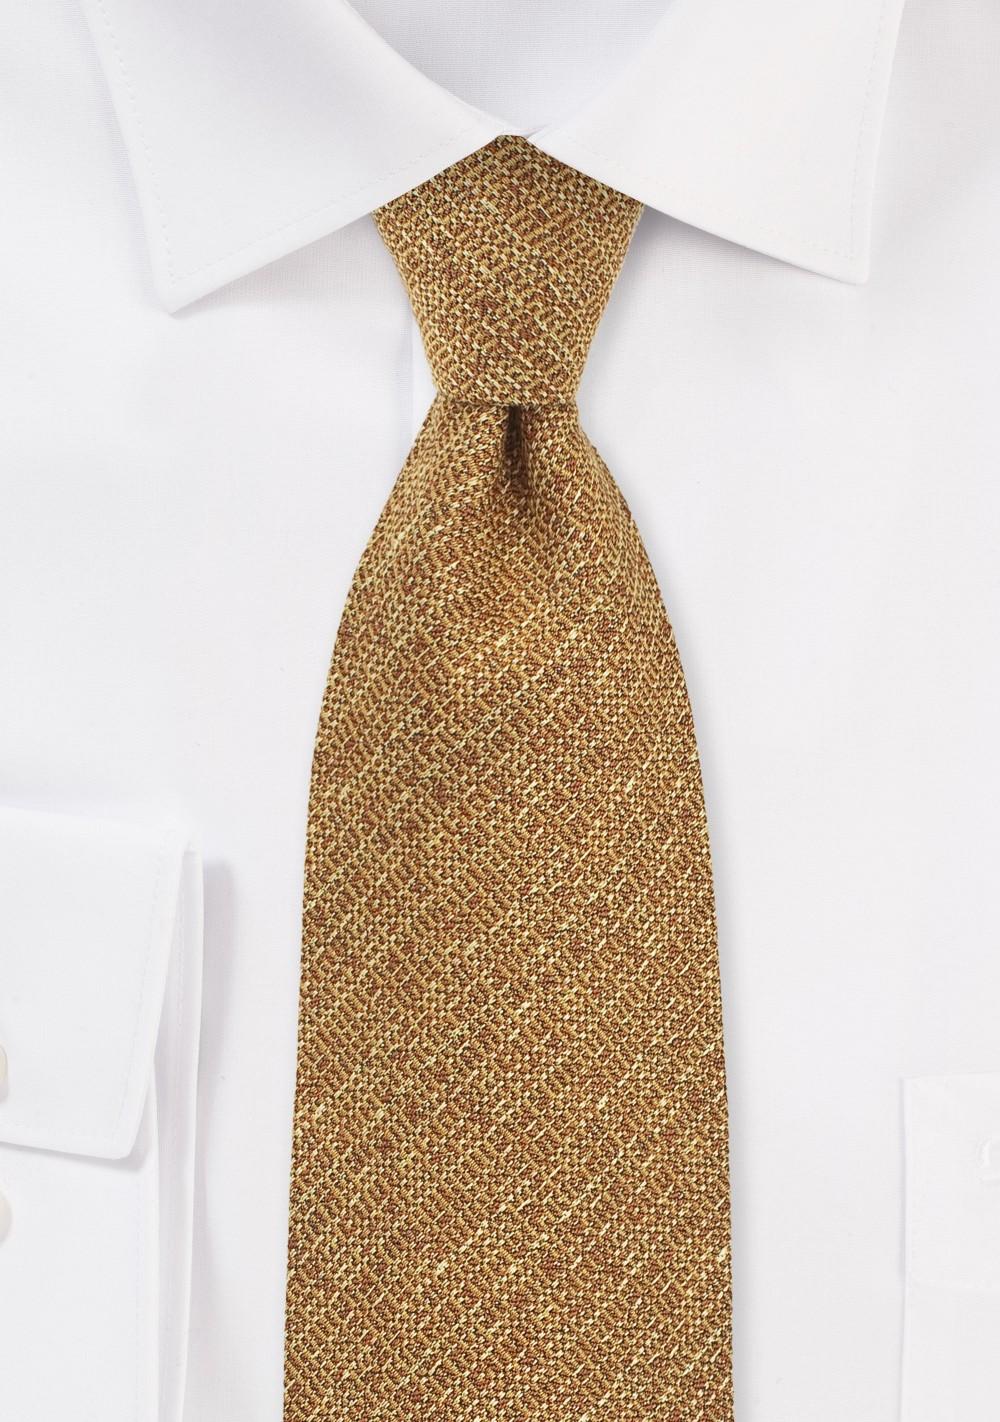 Harvest Gold Textured Necktie